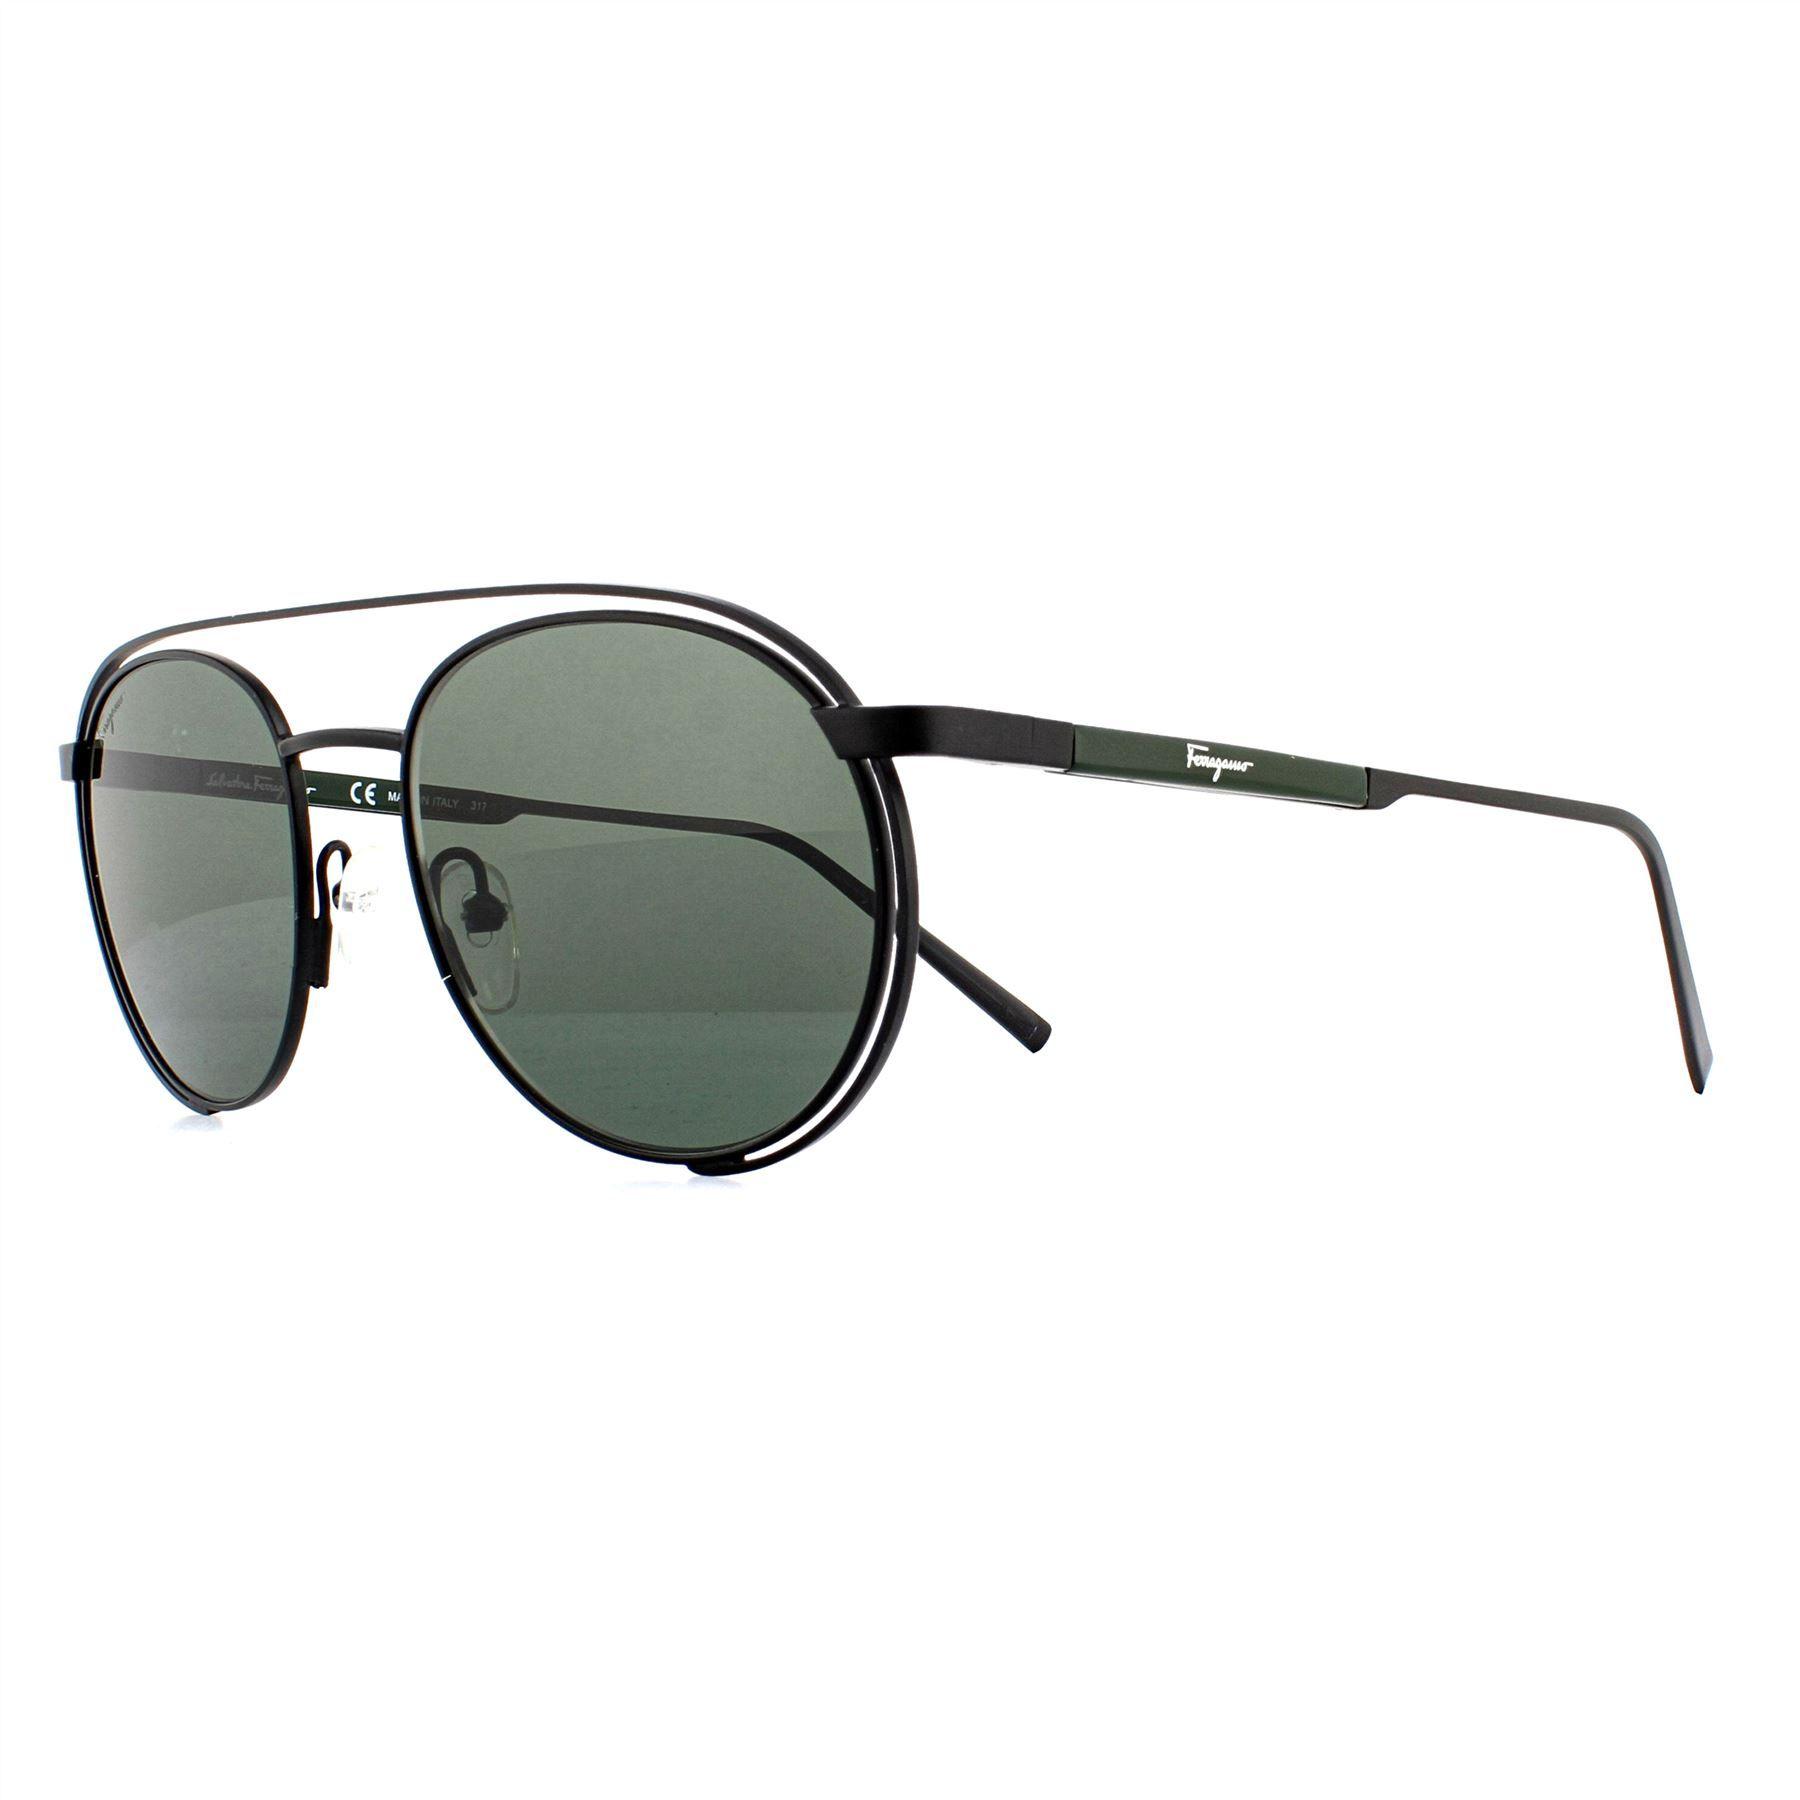 Salvatore Ferragamo Sunglasses SF169S 002 Matte Black Dark Grey Green